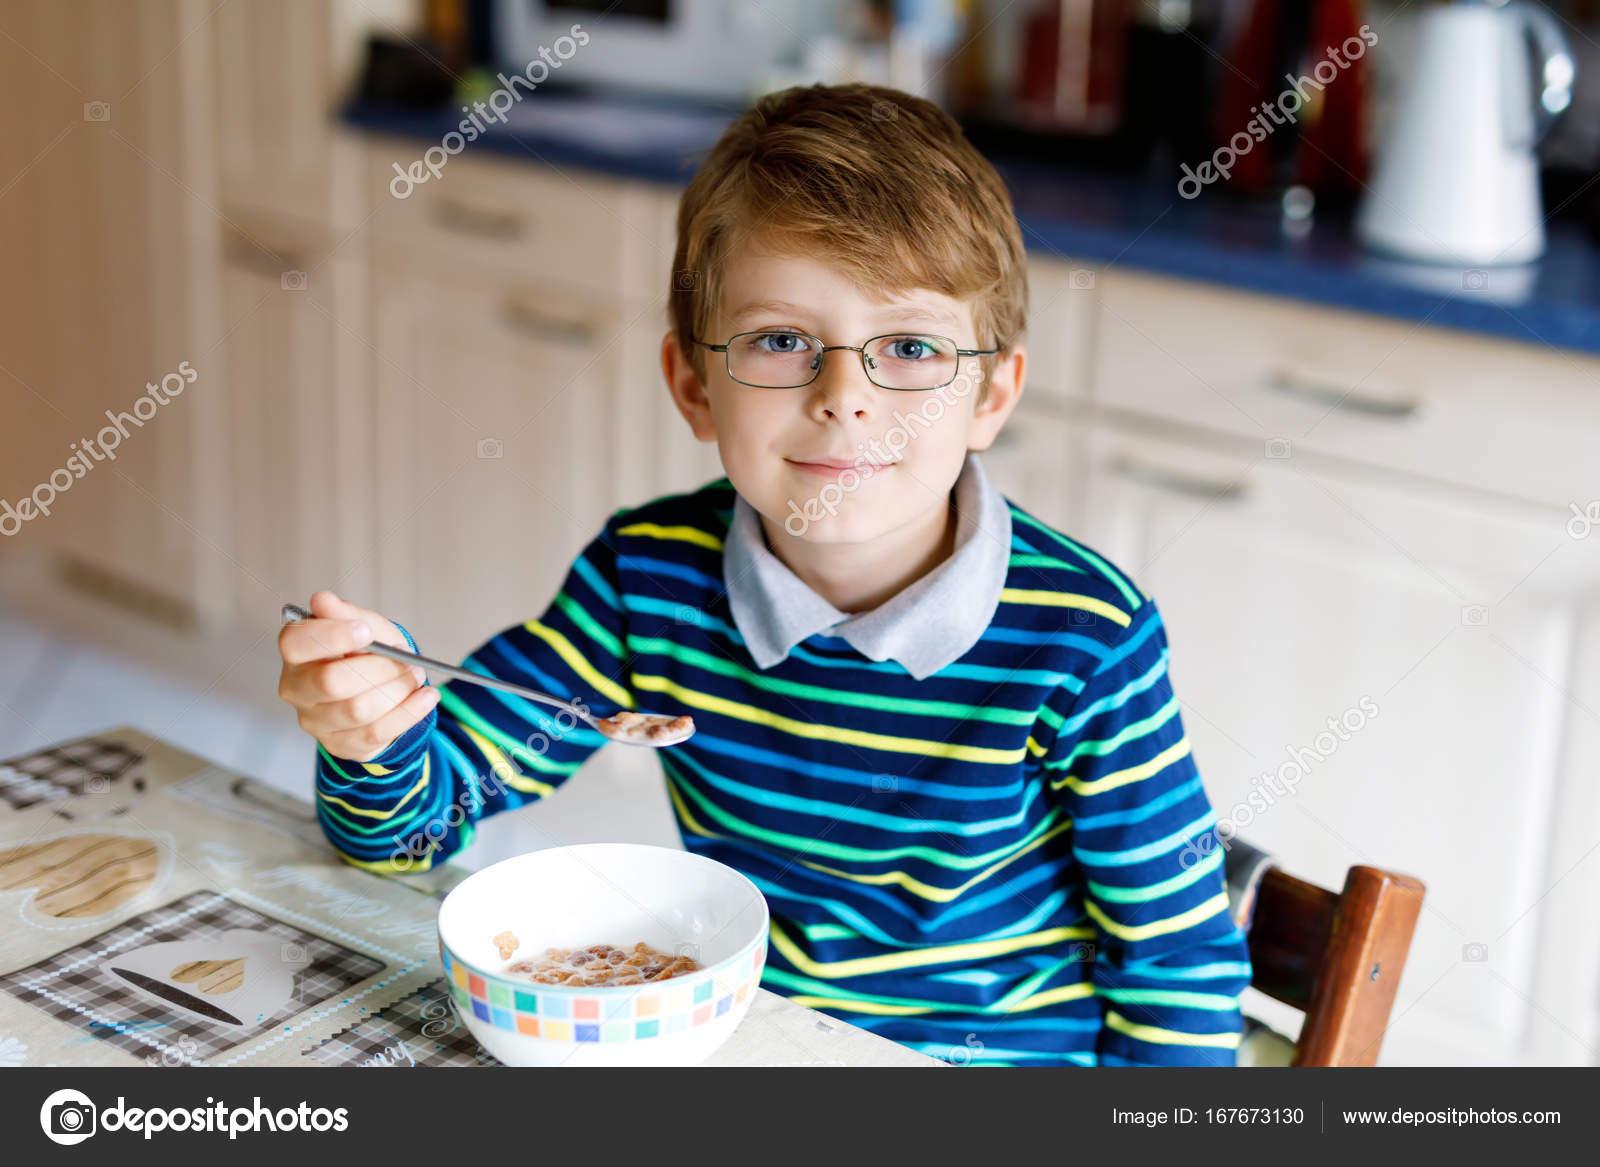 gl ckliche junge blonde kind essen m sli zum fr hst ck oder mittagessen gesunde ern hrung f r. Black Bedroom Furniture Sets. Home Design Ideas